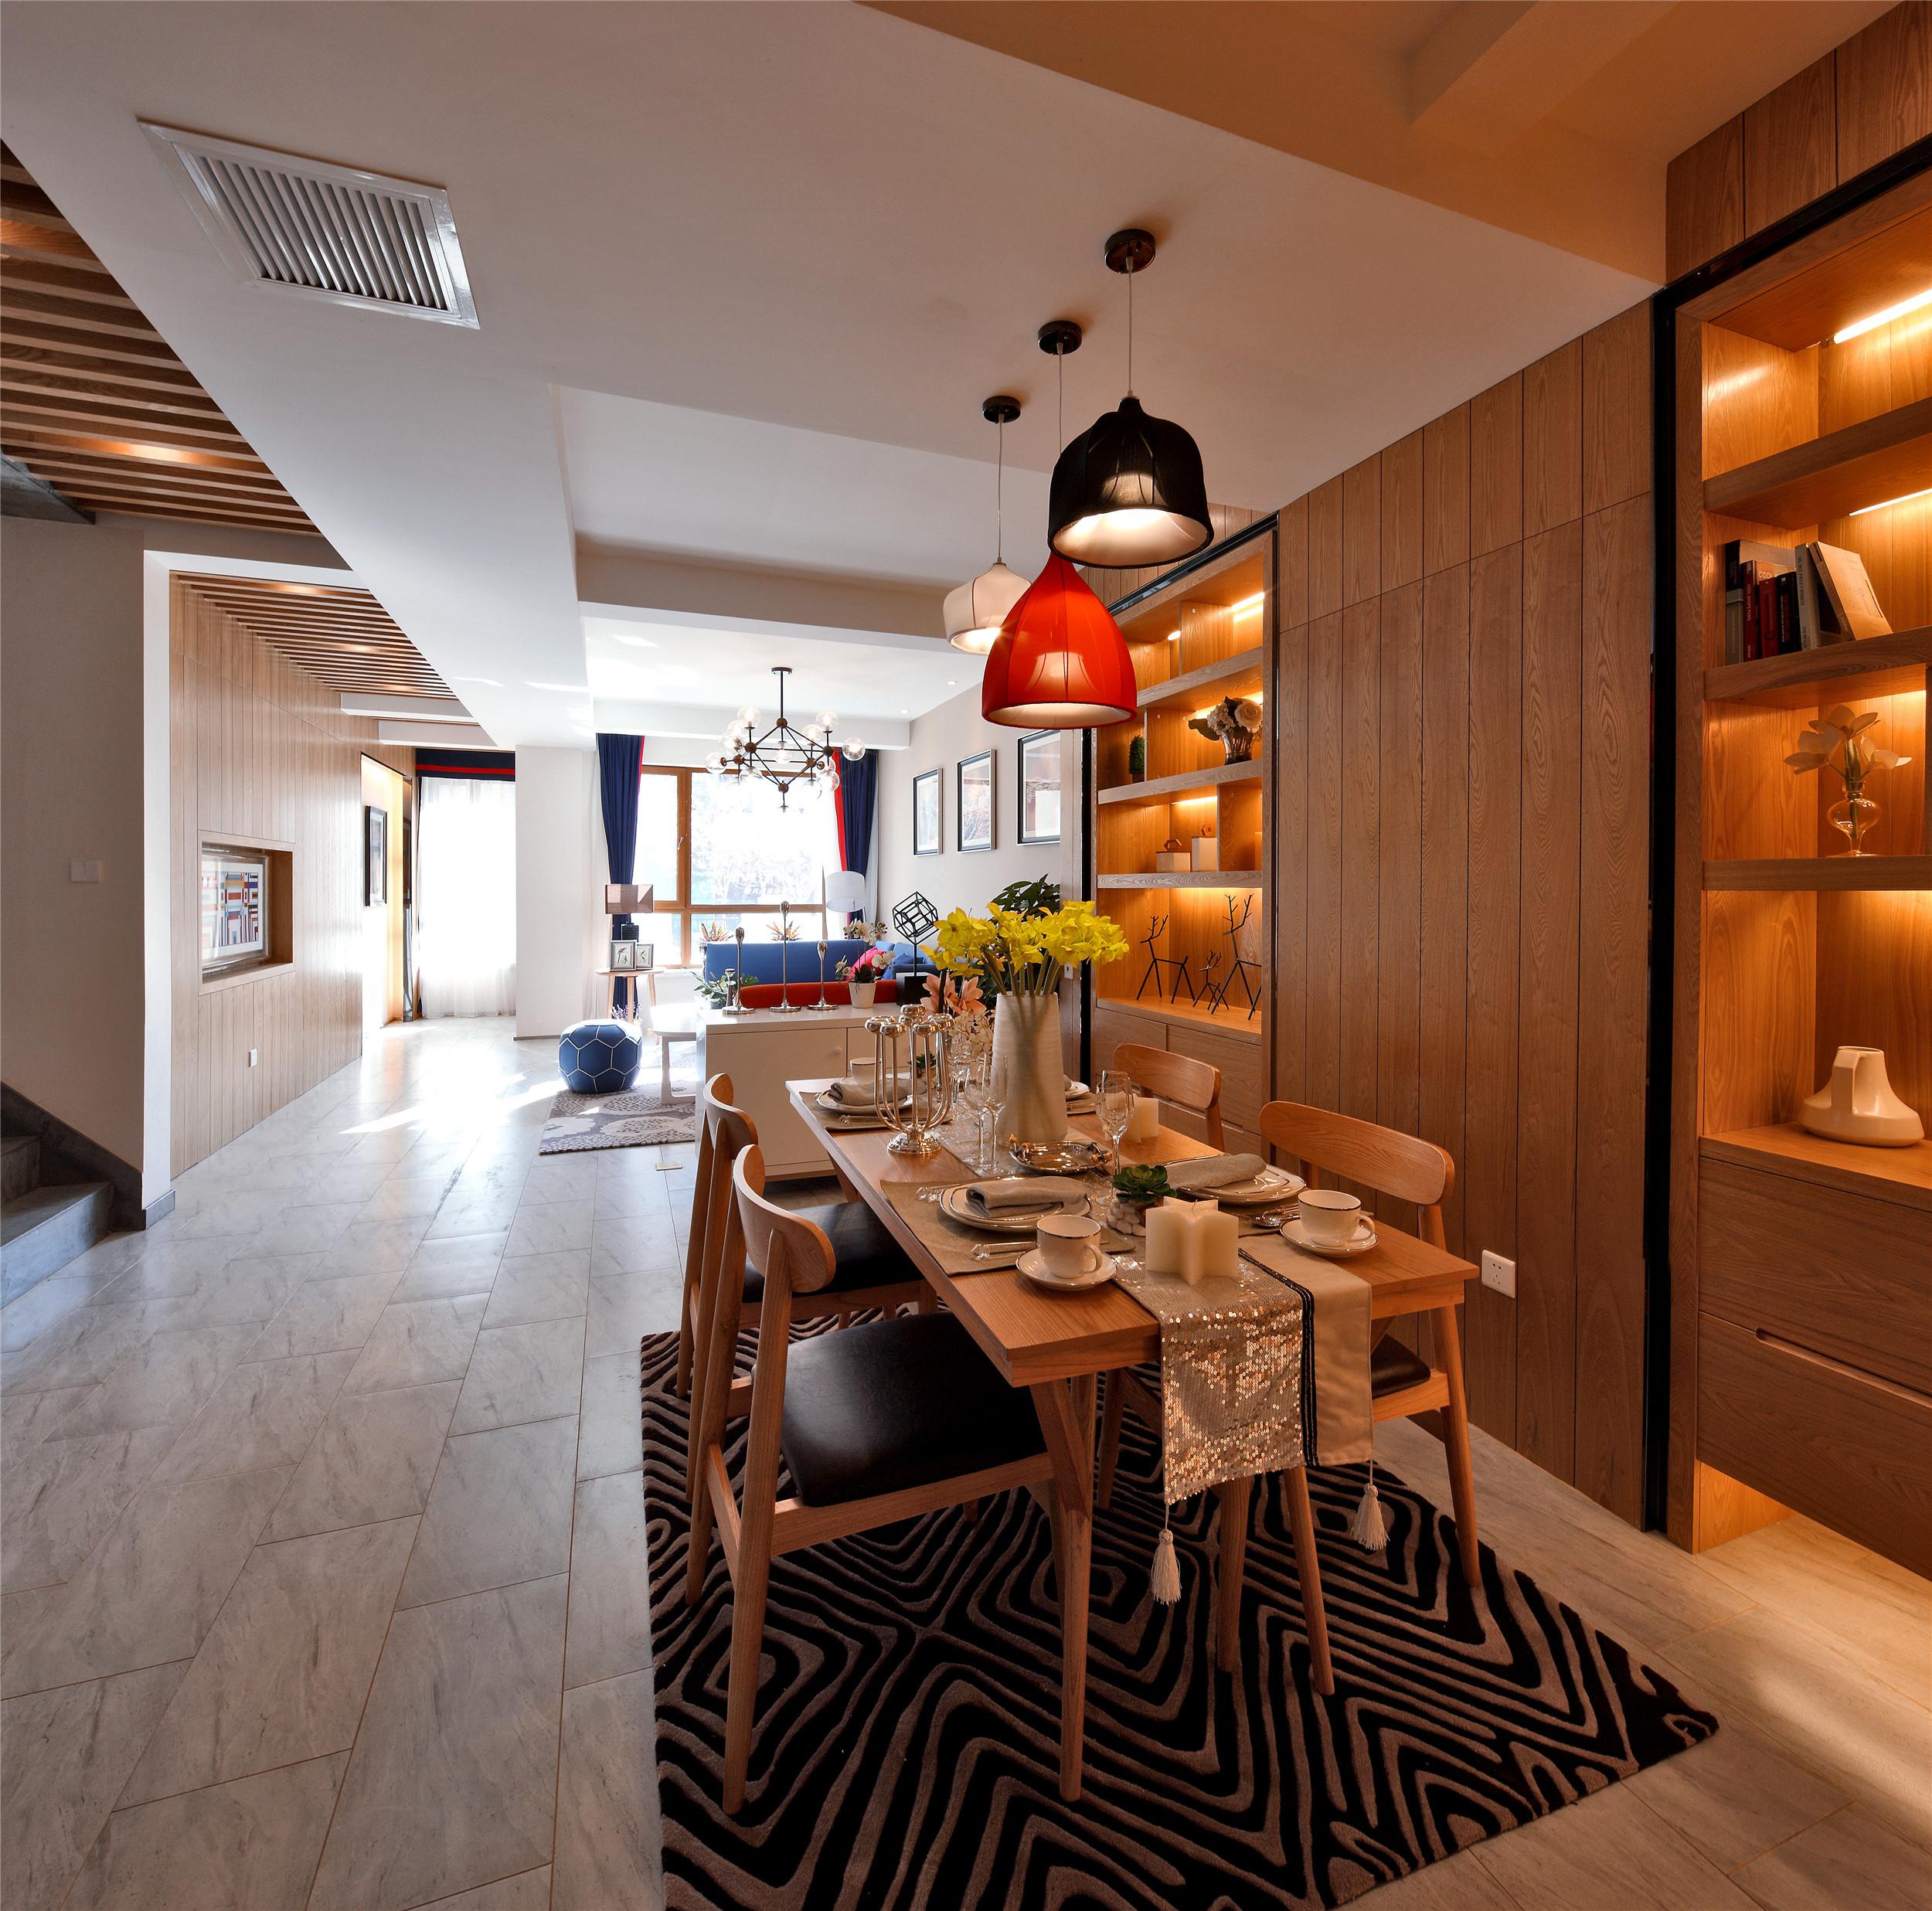 别墅样板间装修餐厅设计图